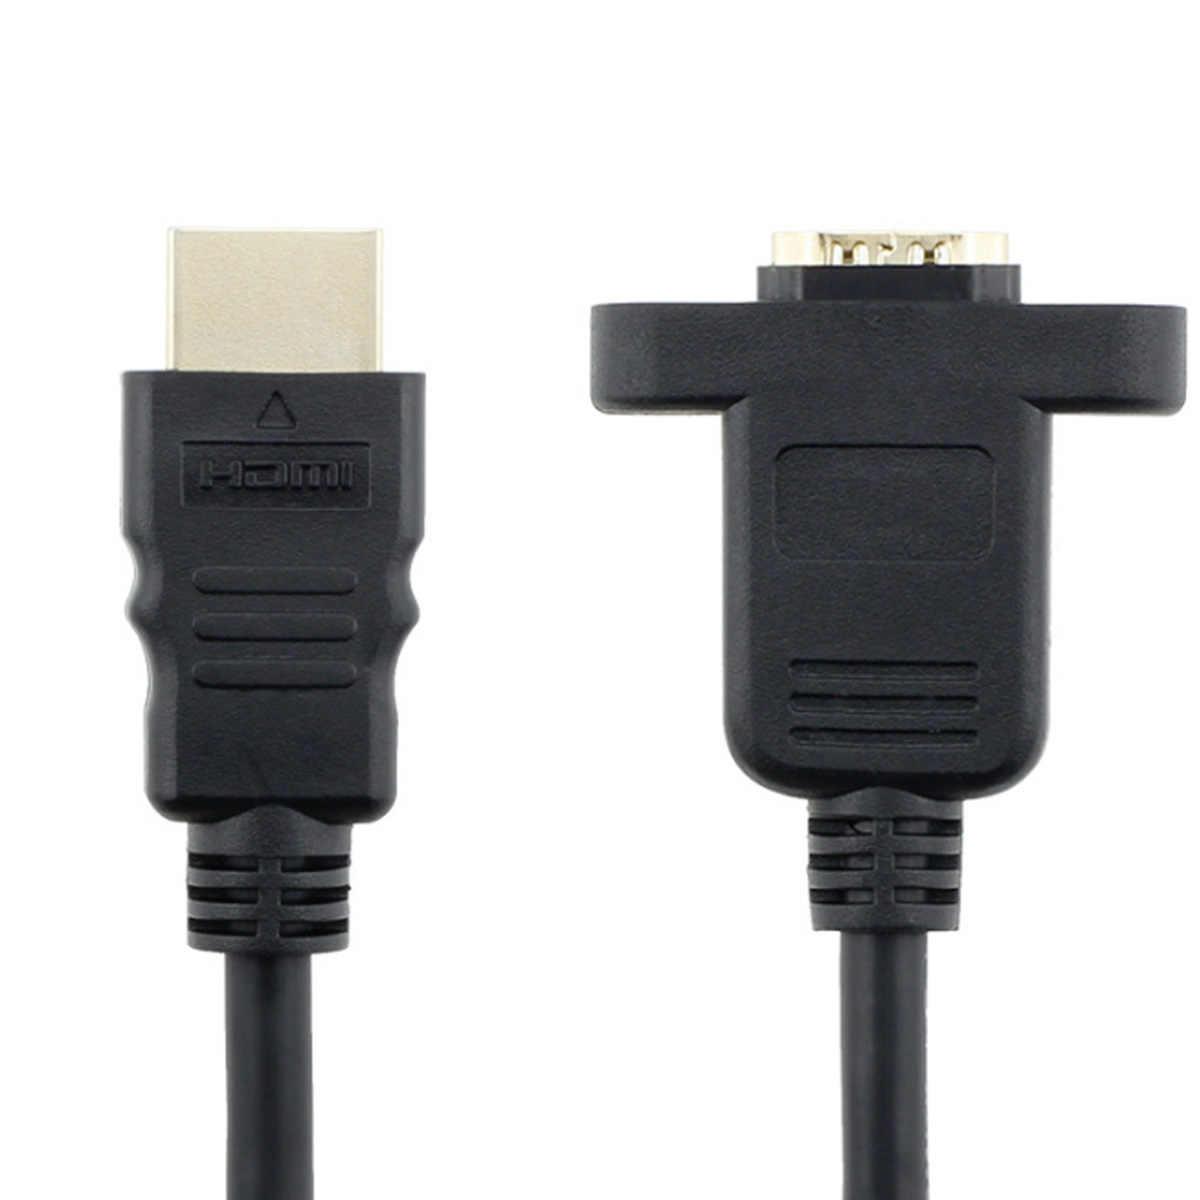 1.5m HDMI Nam Famale Chuyển Đổi Nối Dài Cáp Video Adapter 1080P Kỹ Thuật Số sang Analog Video Âm Thanh Cho MÁY TÍNH laptop Đa Phương Tiện